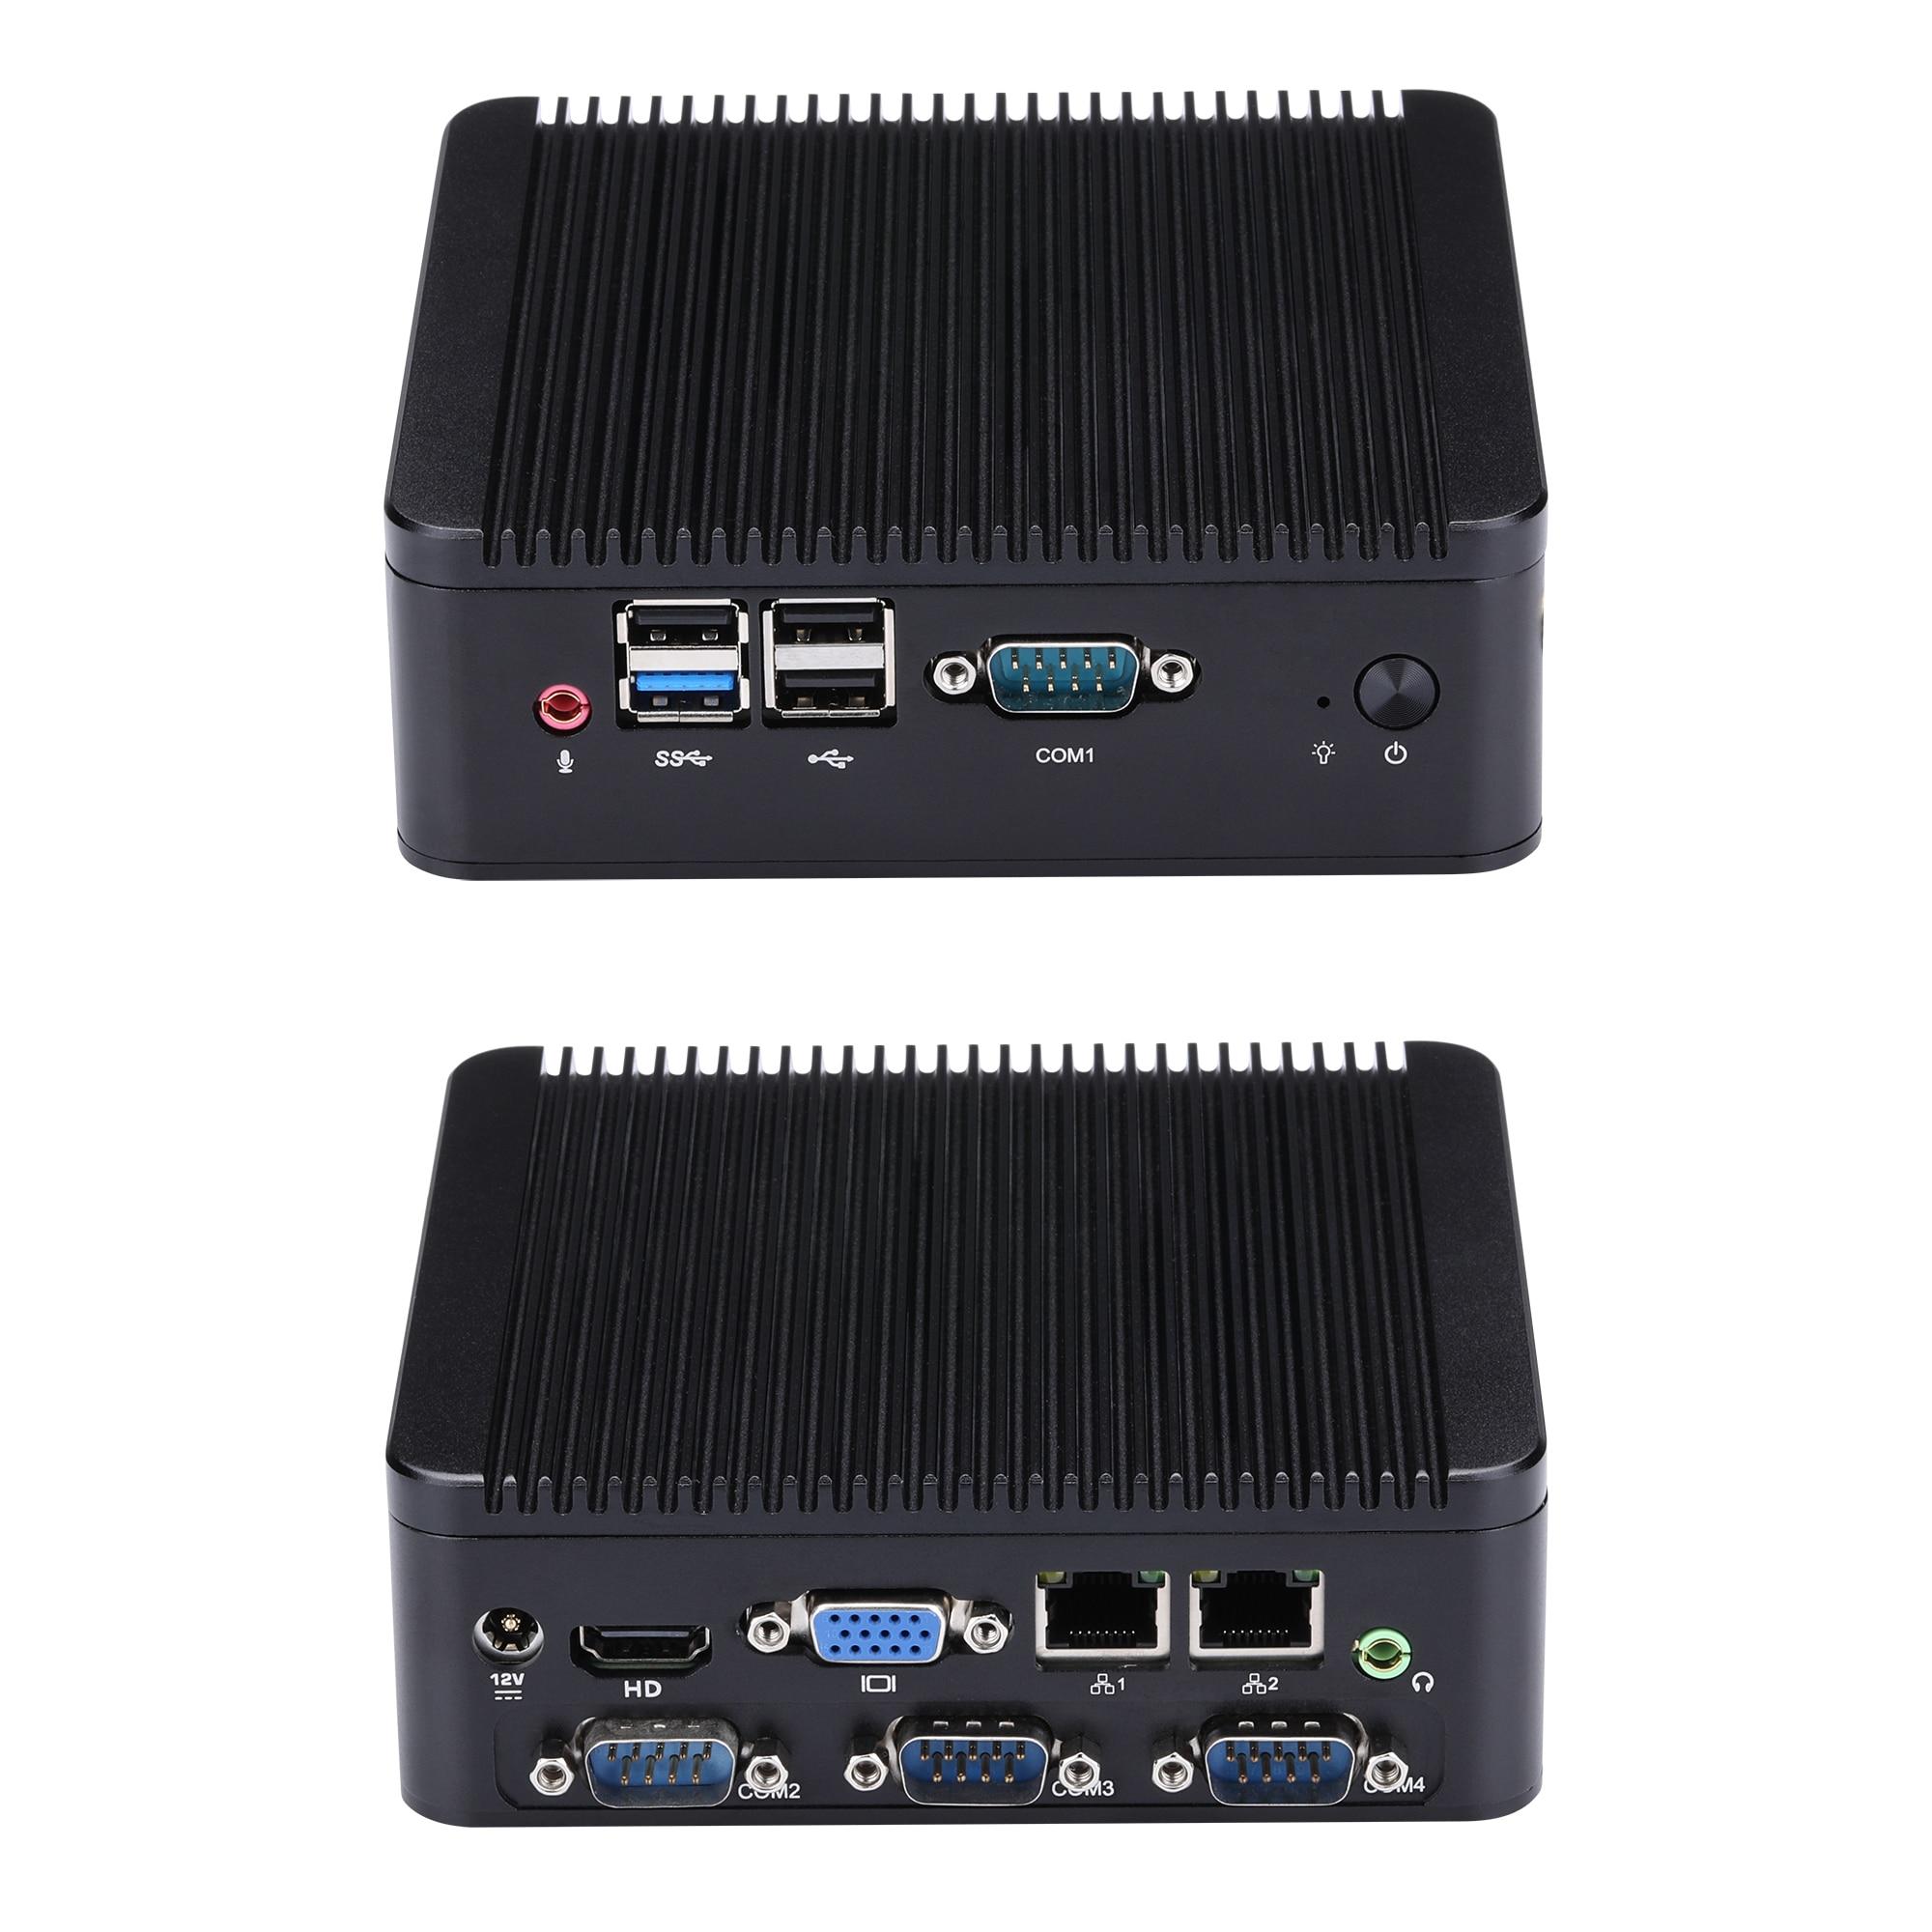 جهاز كمبيوتر صغير سريع 4 RS232 J1900 N2920 صغير لغرفة المعيشة/مضيف HTPC/كمبيوتر صناعي Celeron رباعي النواة